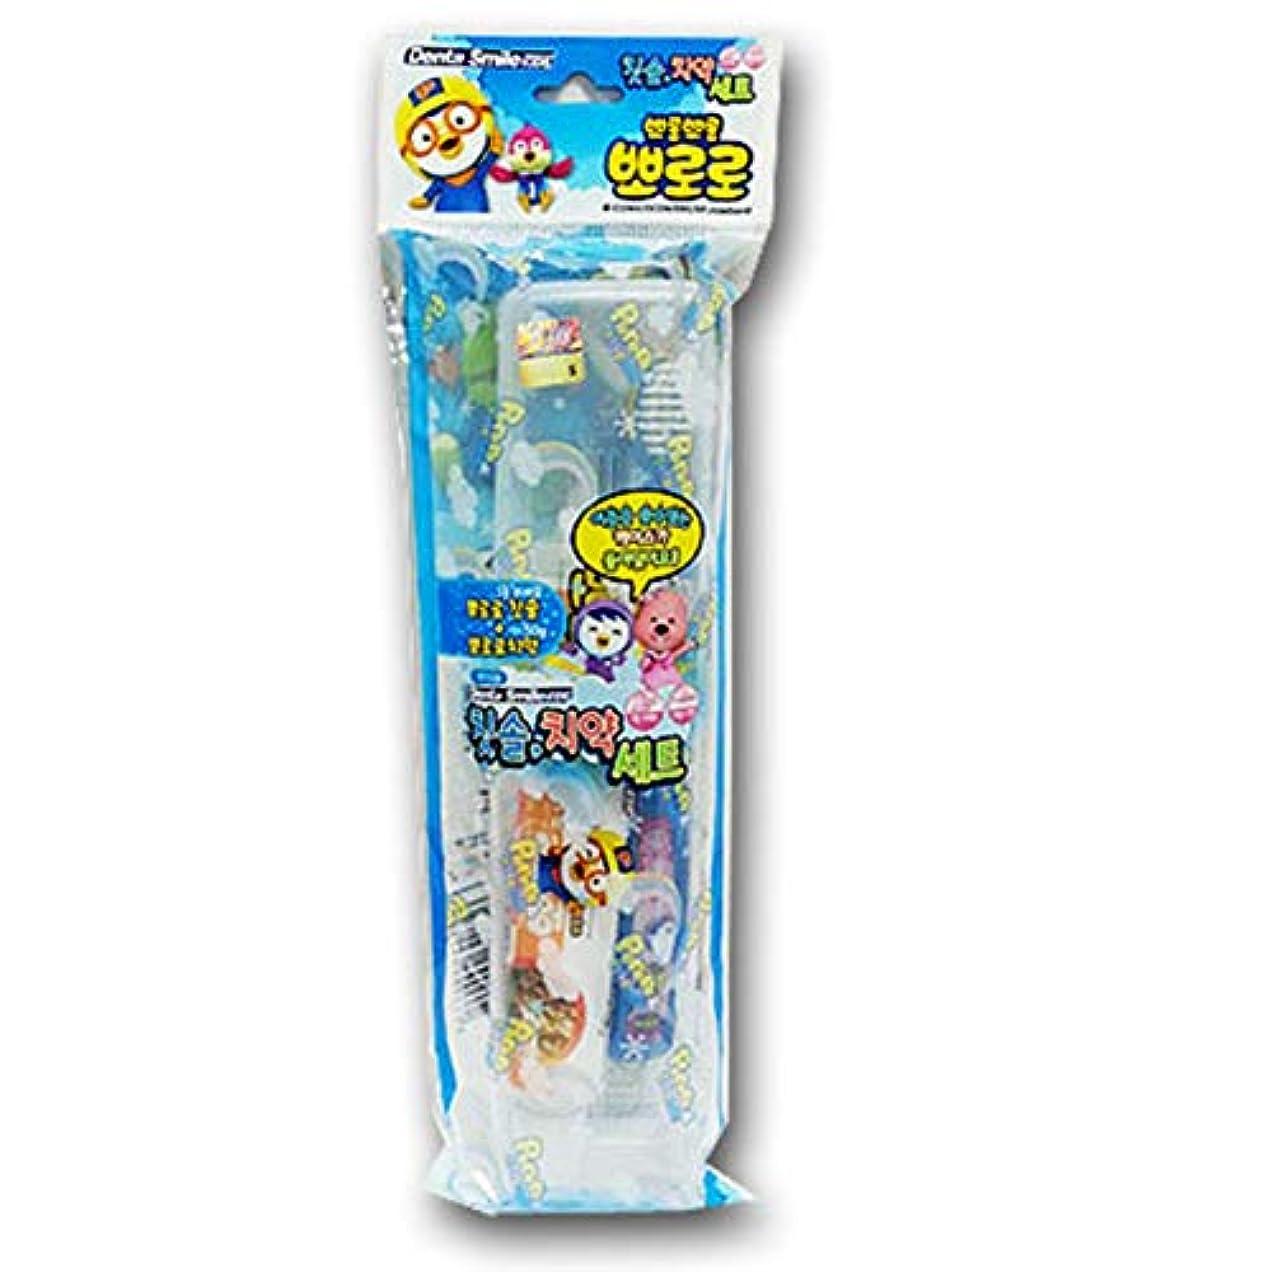 ボーナスバレエフロントPororo&Friendsポータブル歯磨き粉歯ブラシセットパイナップル香50g.